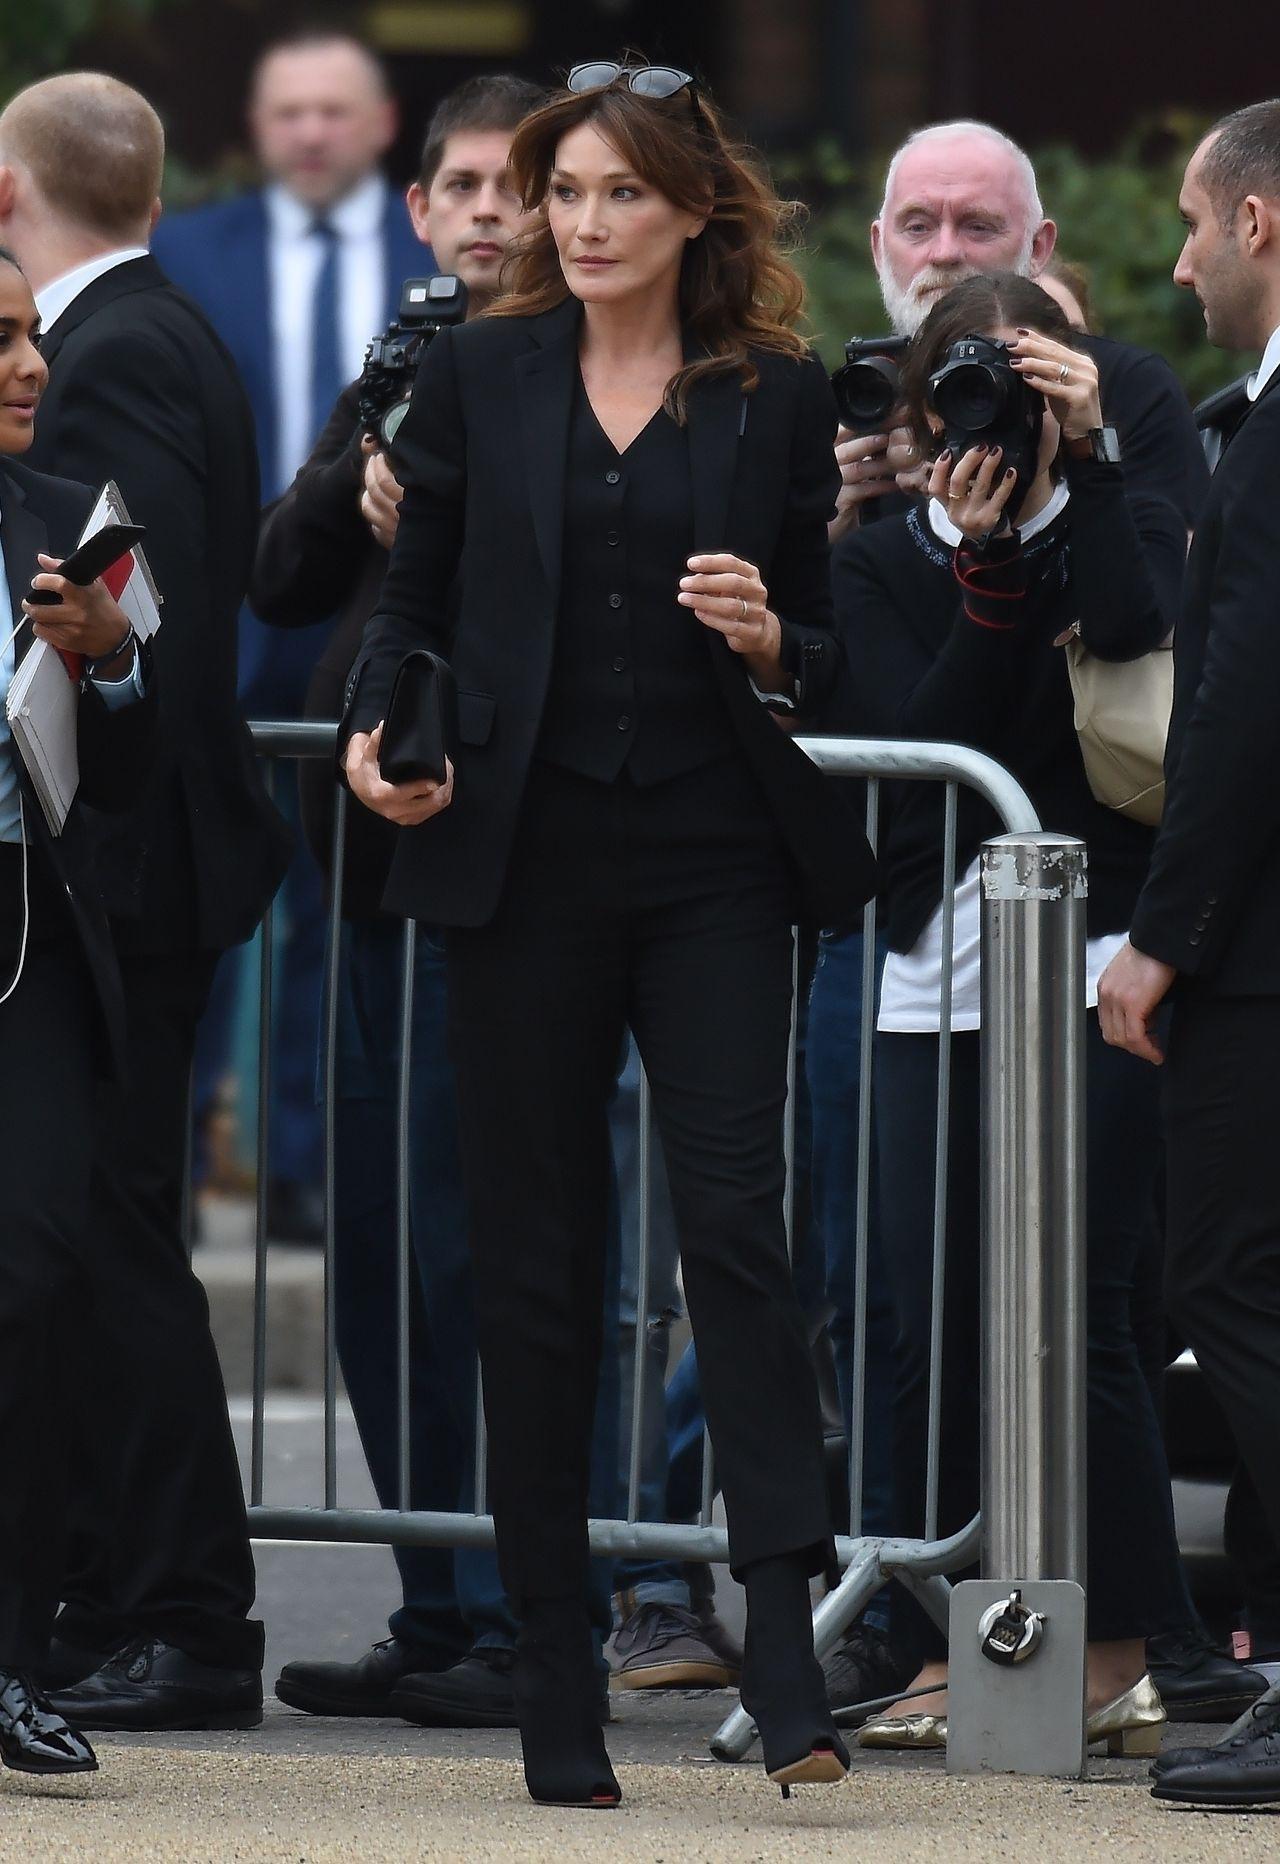 Carla Bruni śmiała się z koronawirusa. Teraz przeprasza/fot. Forum